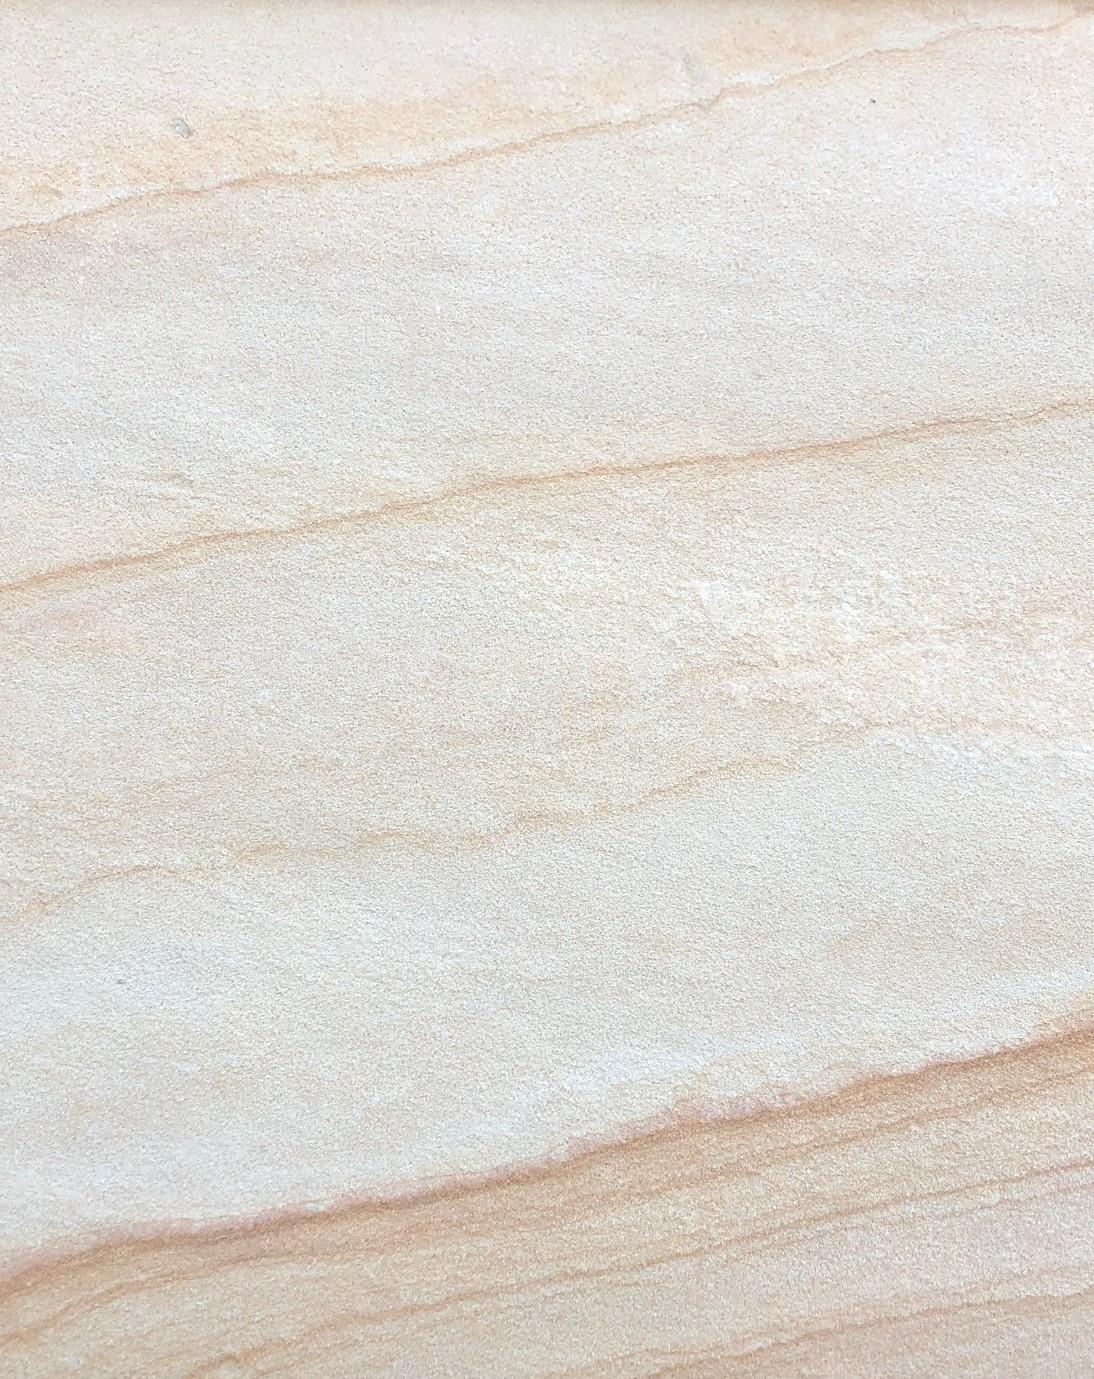 Gobi Sandstone